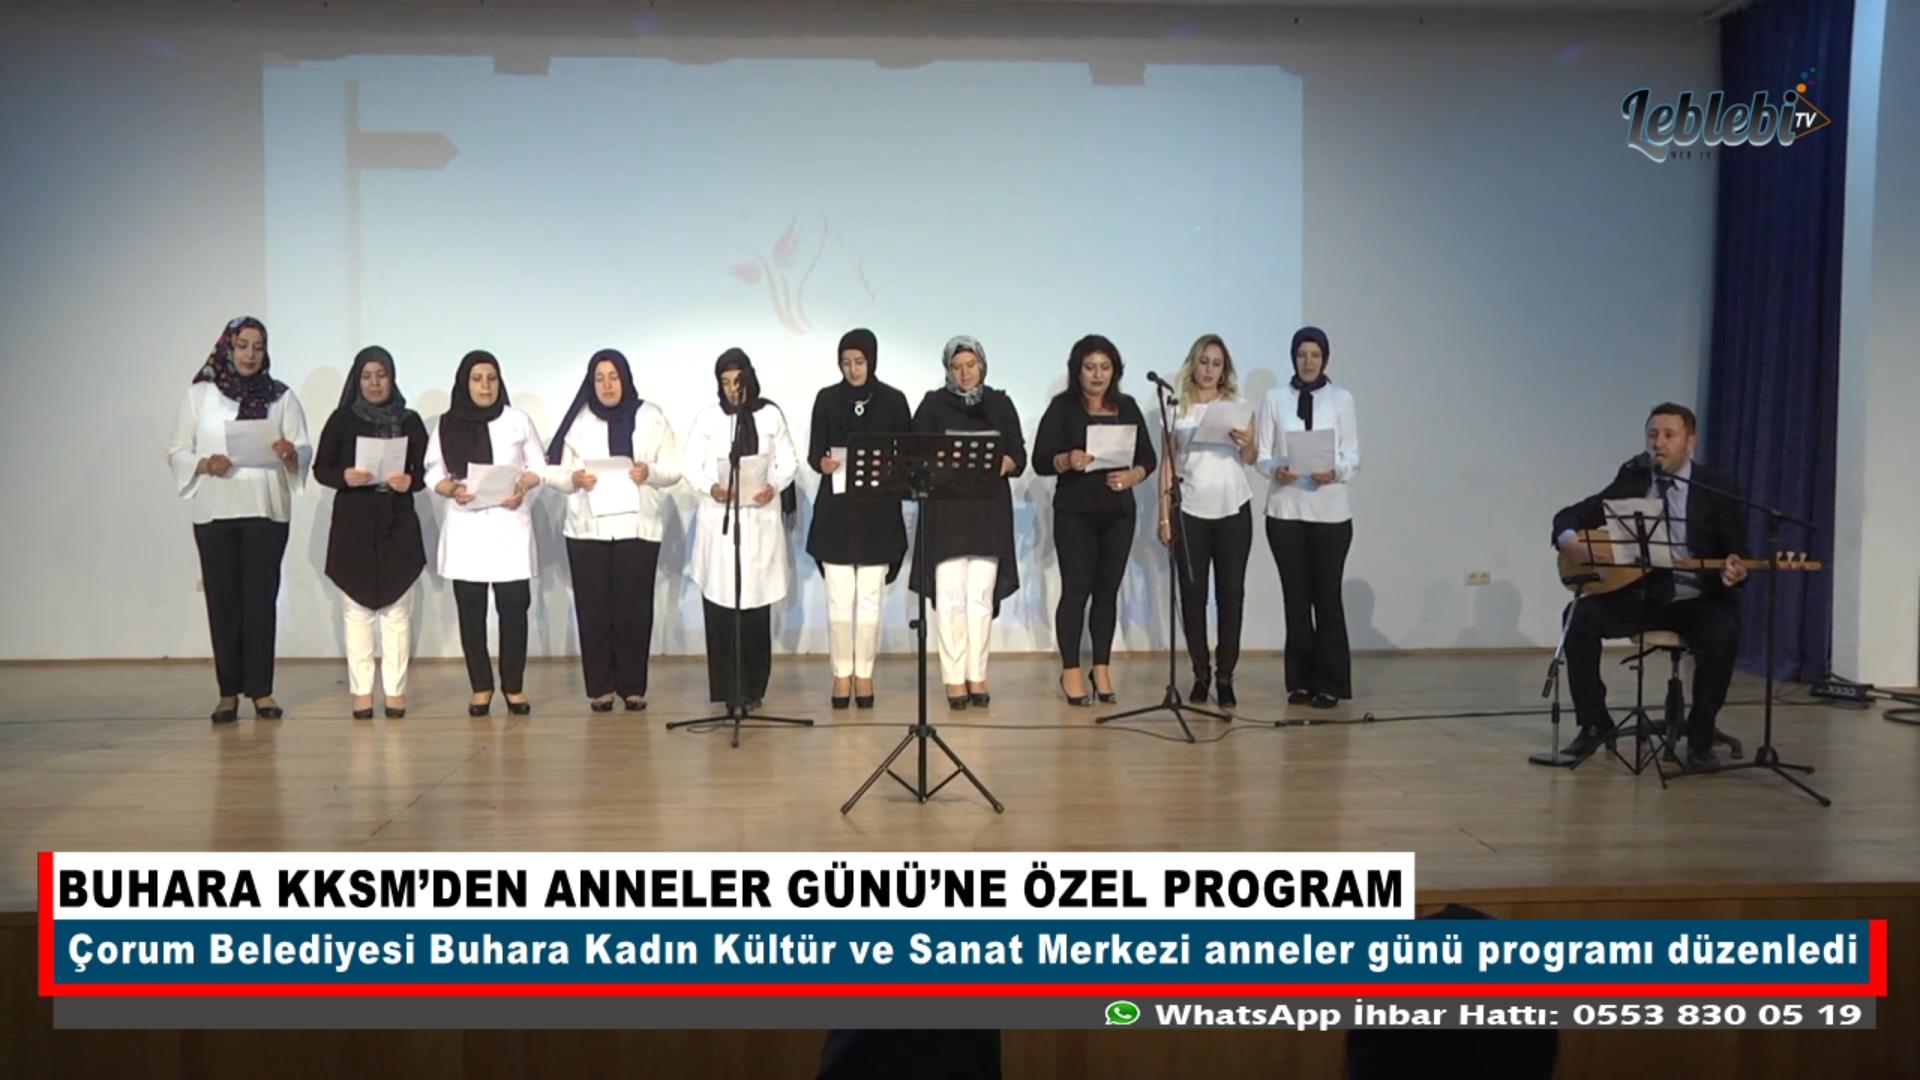 BUHARA KKSM'DEN ANNELER GÜNÜ'NE ÖZEL PROGRAM